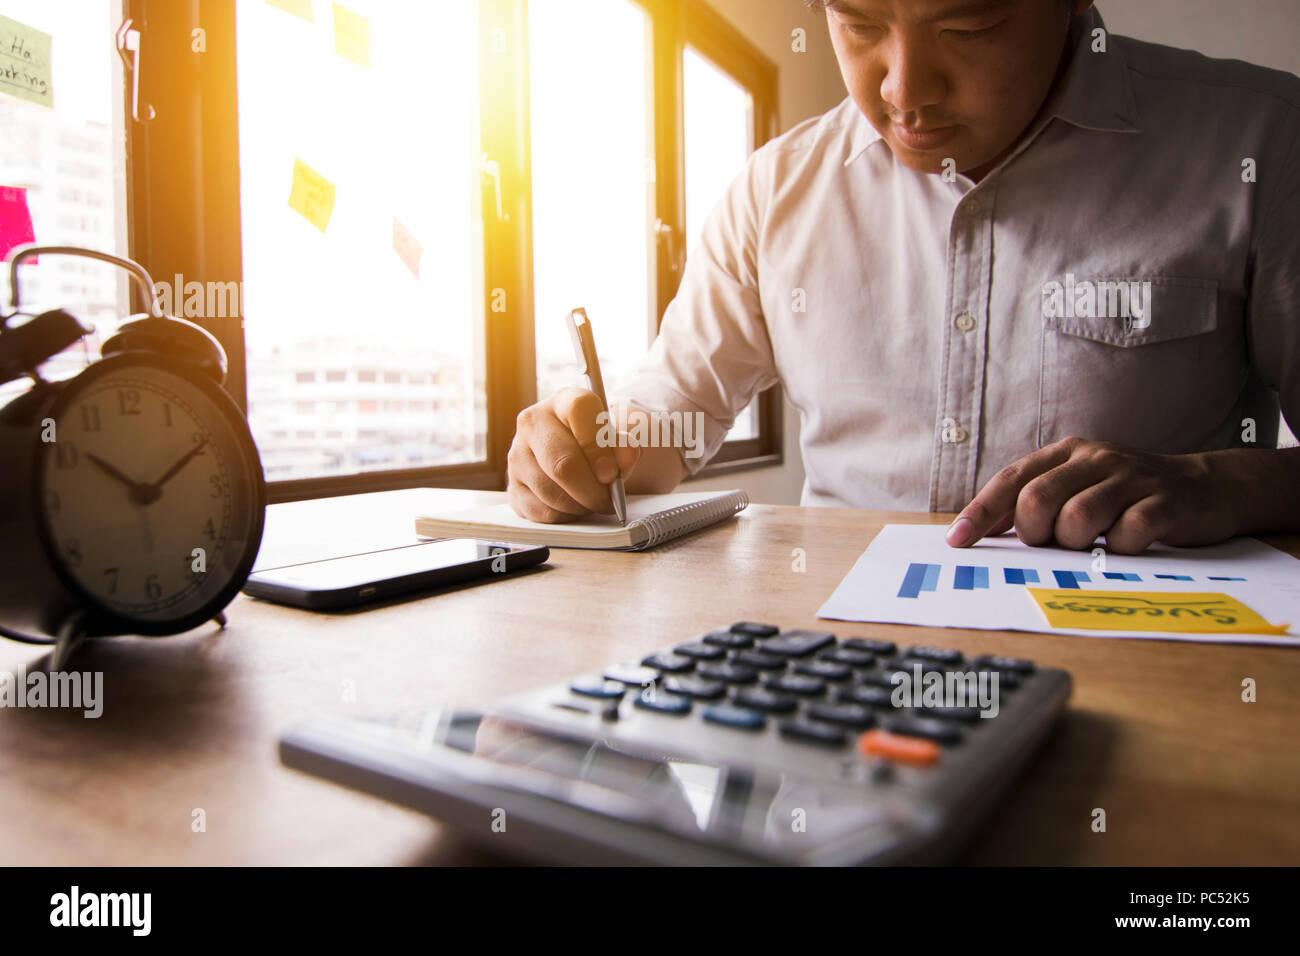 Buchhalter berechnen Finanzierung der jährlichen Profit durch Drücken der Rechner und fasste balance Geld durch Schreiben auf Hinweis buchen Sie im Büro Stockbild